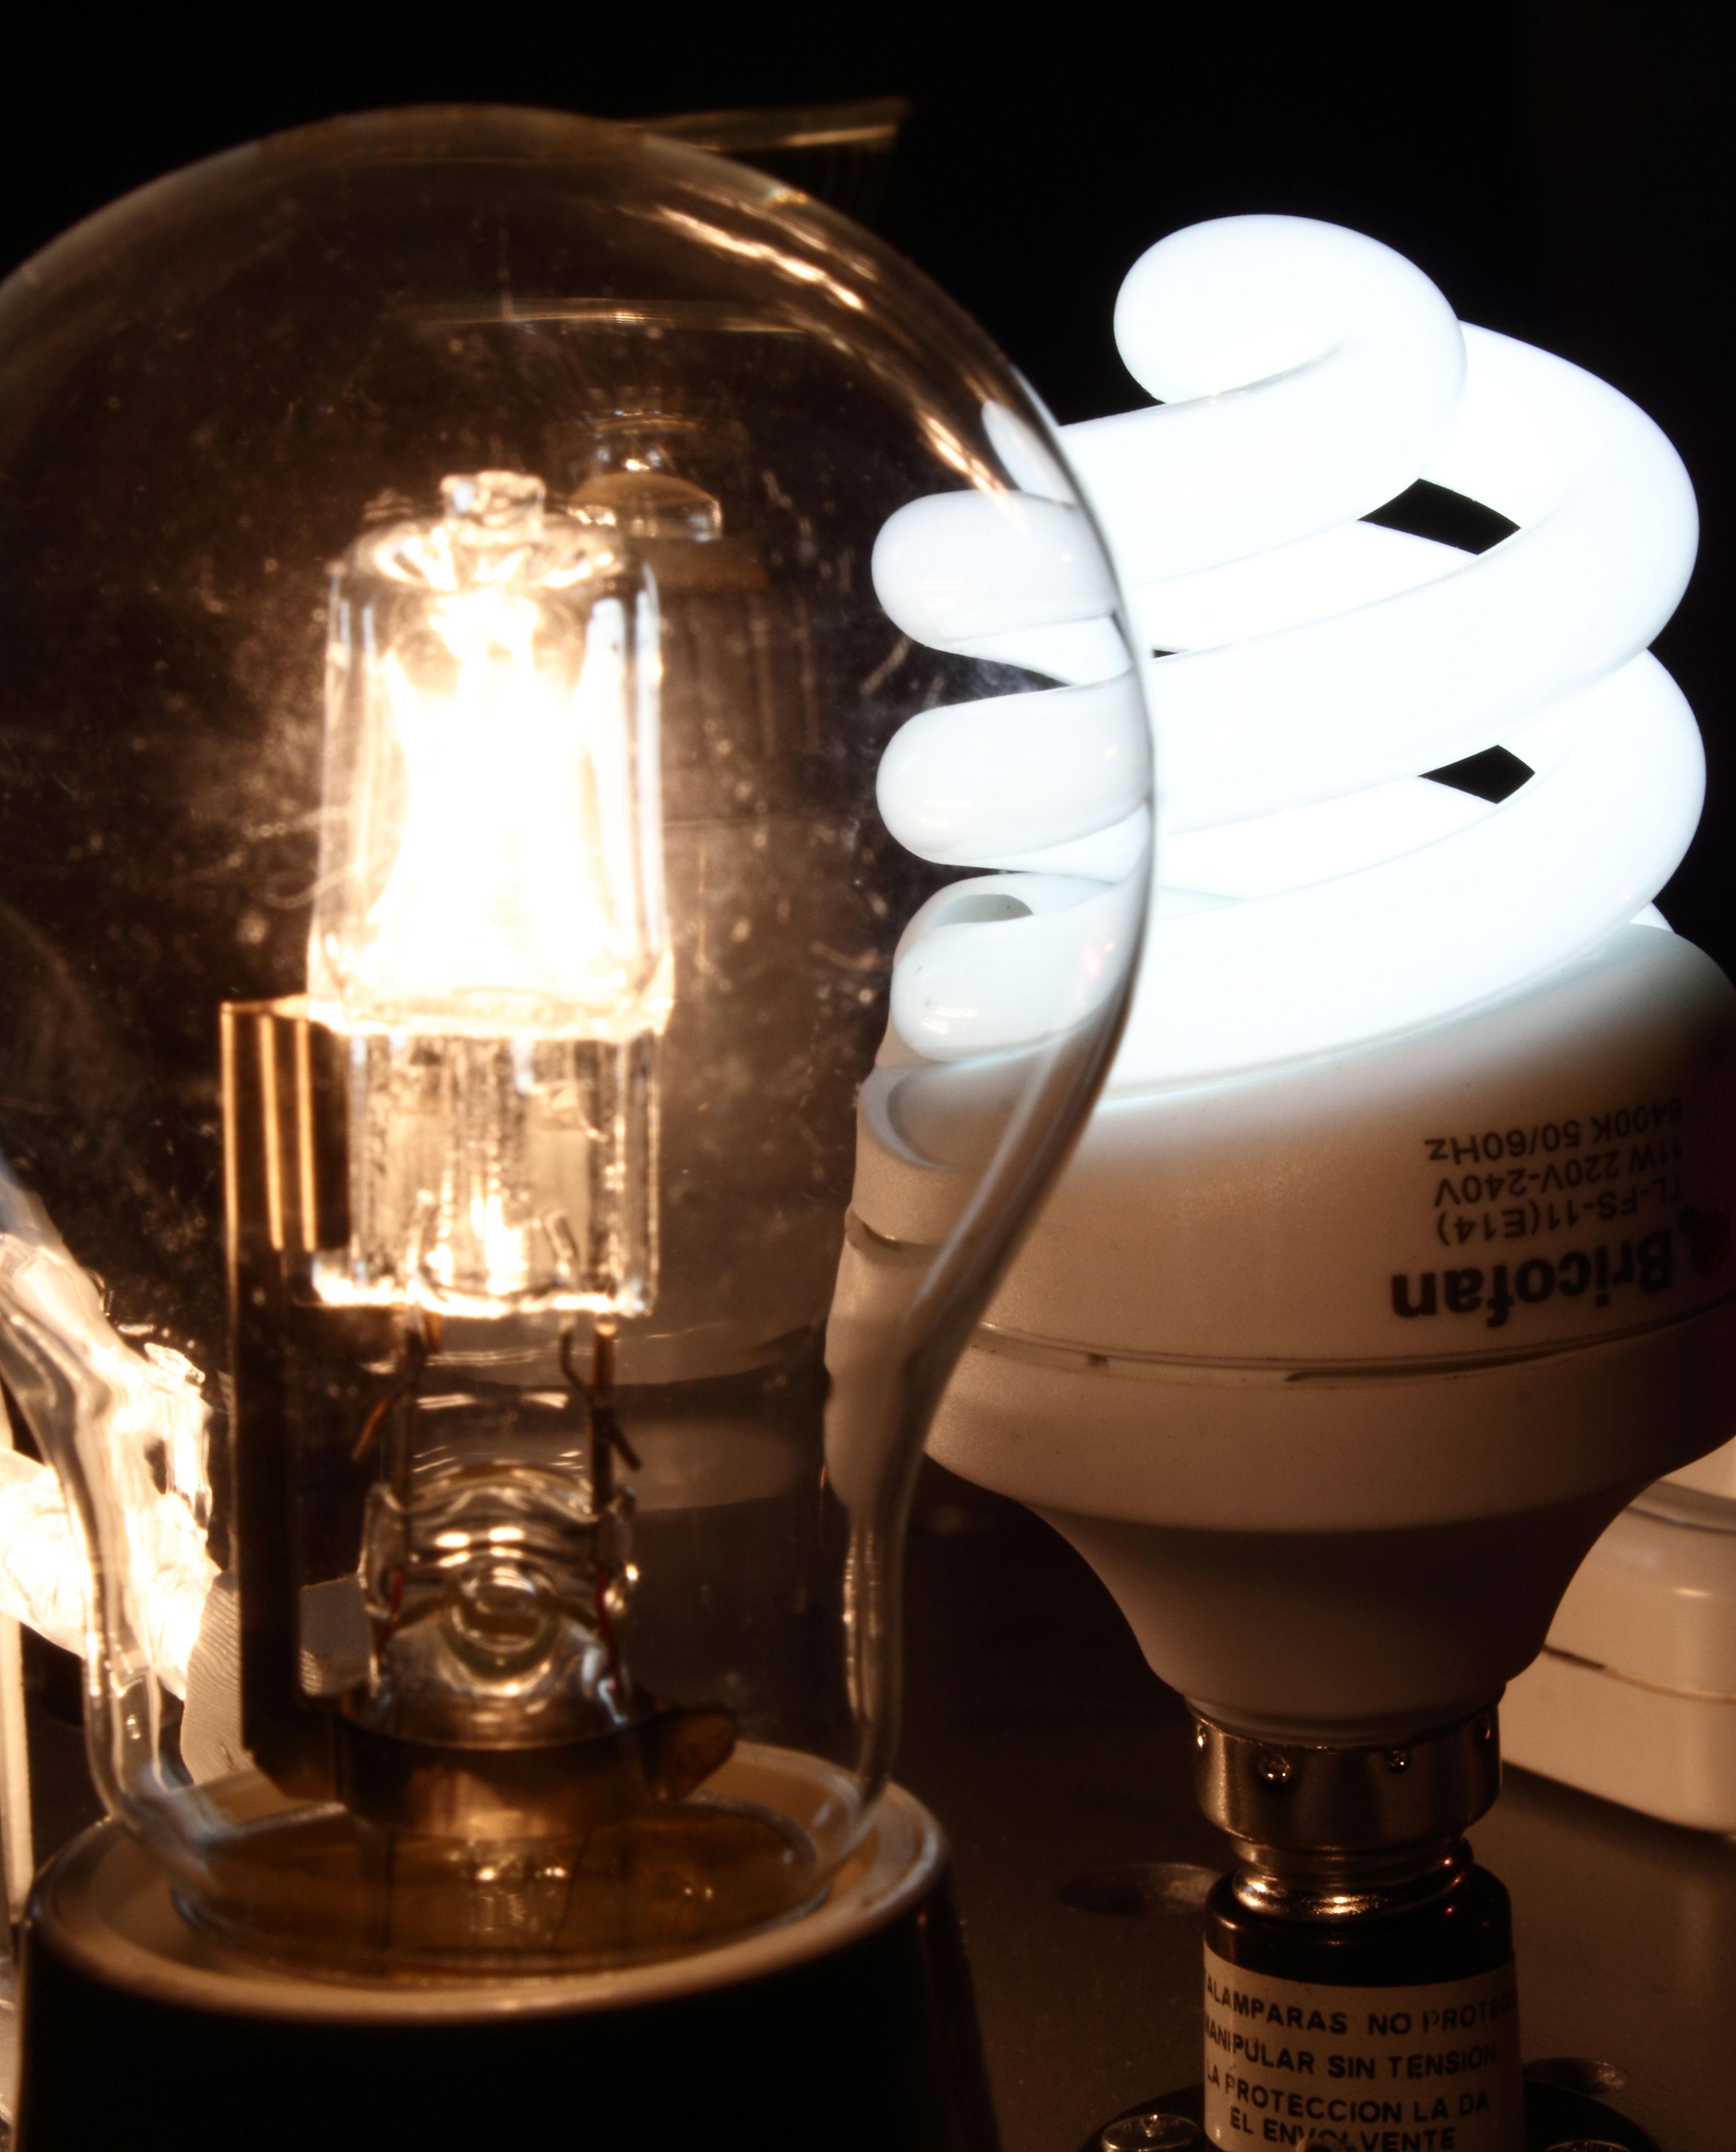 bombillas-halogenas-nuevo-reglamento